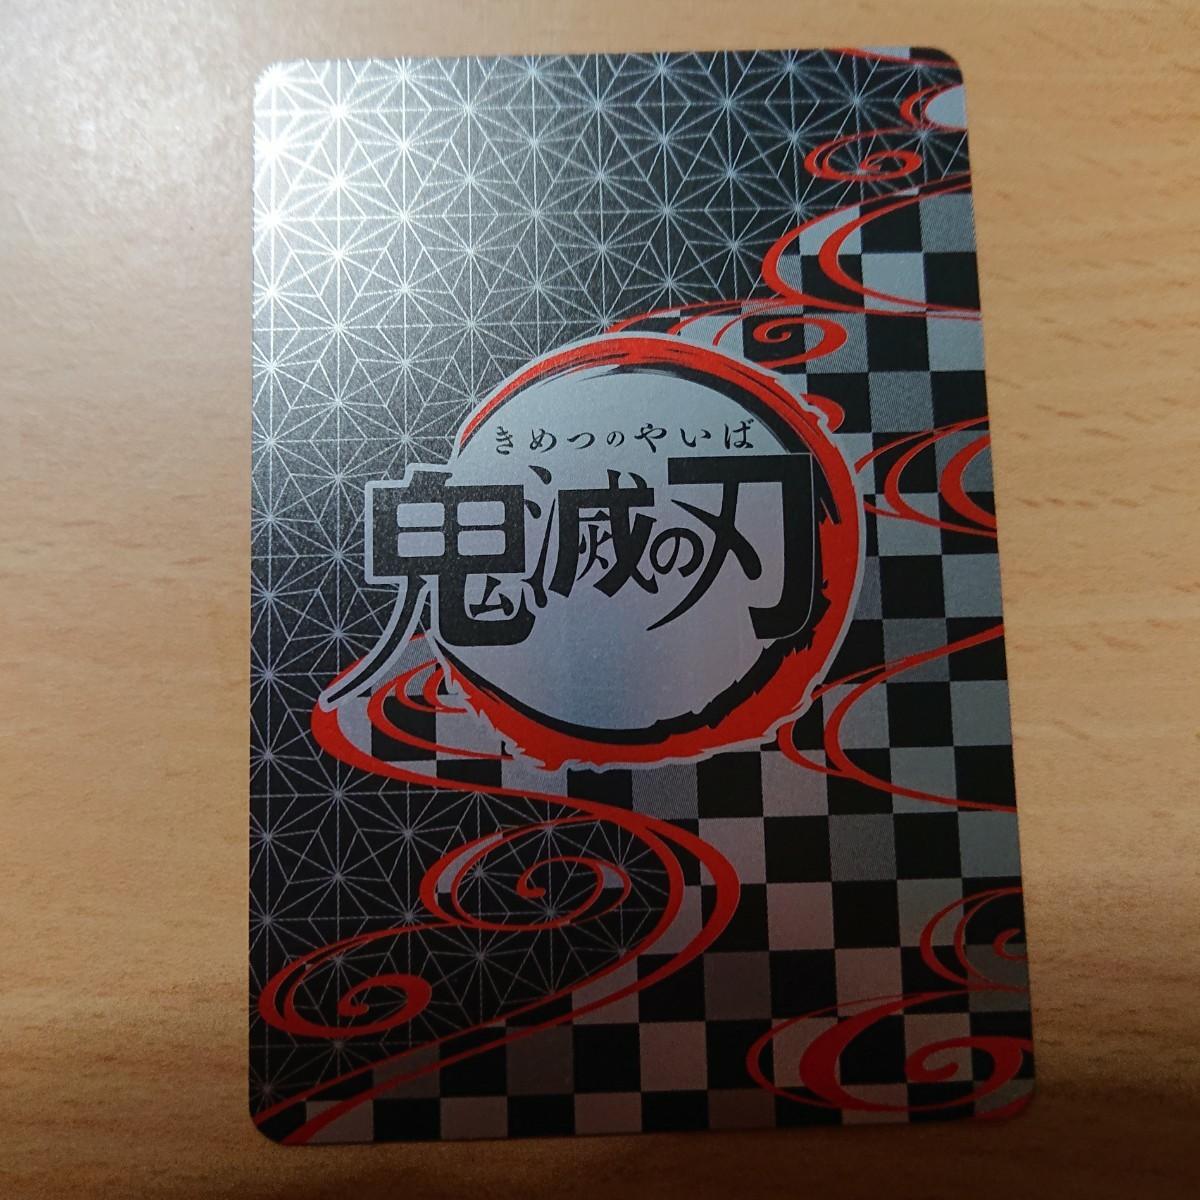 鬼滅の刃 嘴平伊之助 素顔 メタリック仕様 コレクターズカード2 集英社